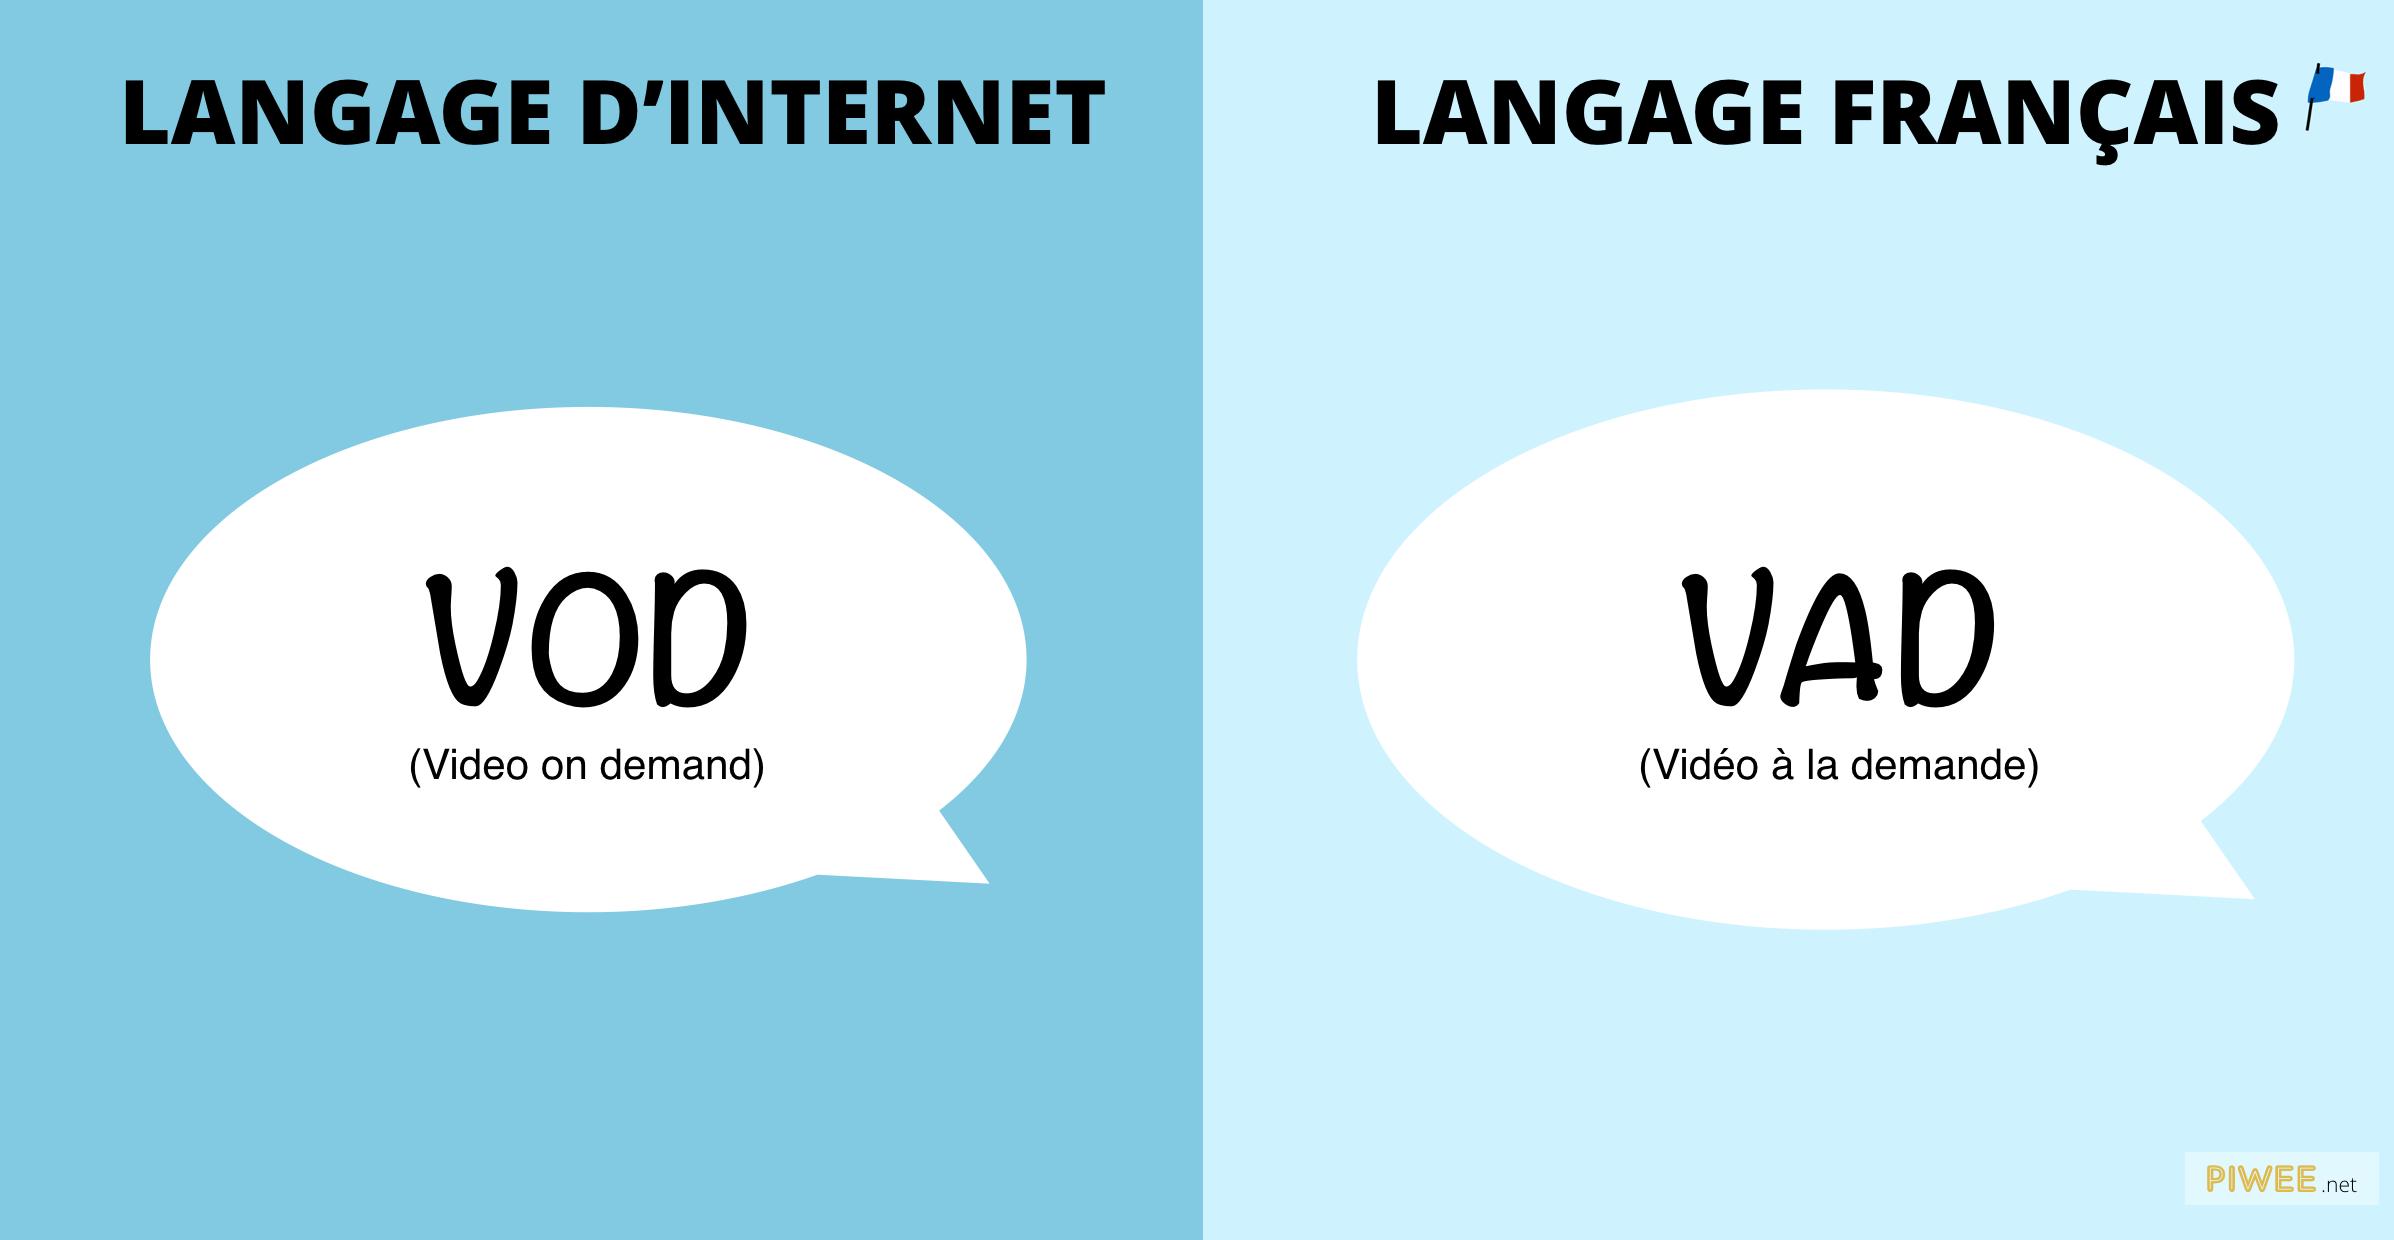 L'équivalent des mots d'Internet en français, ça donne ça ...